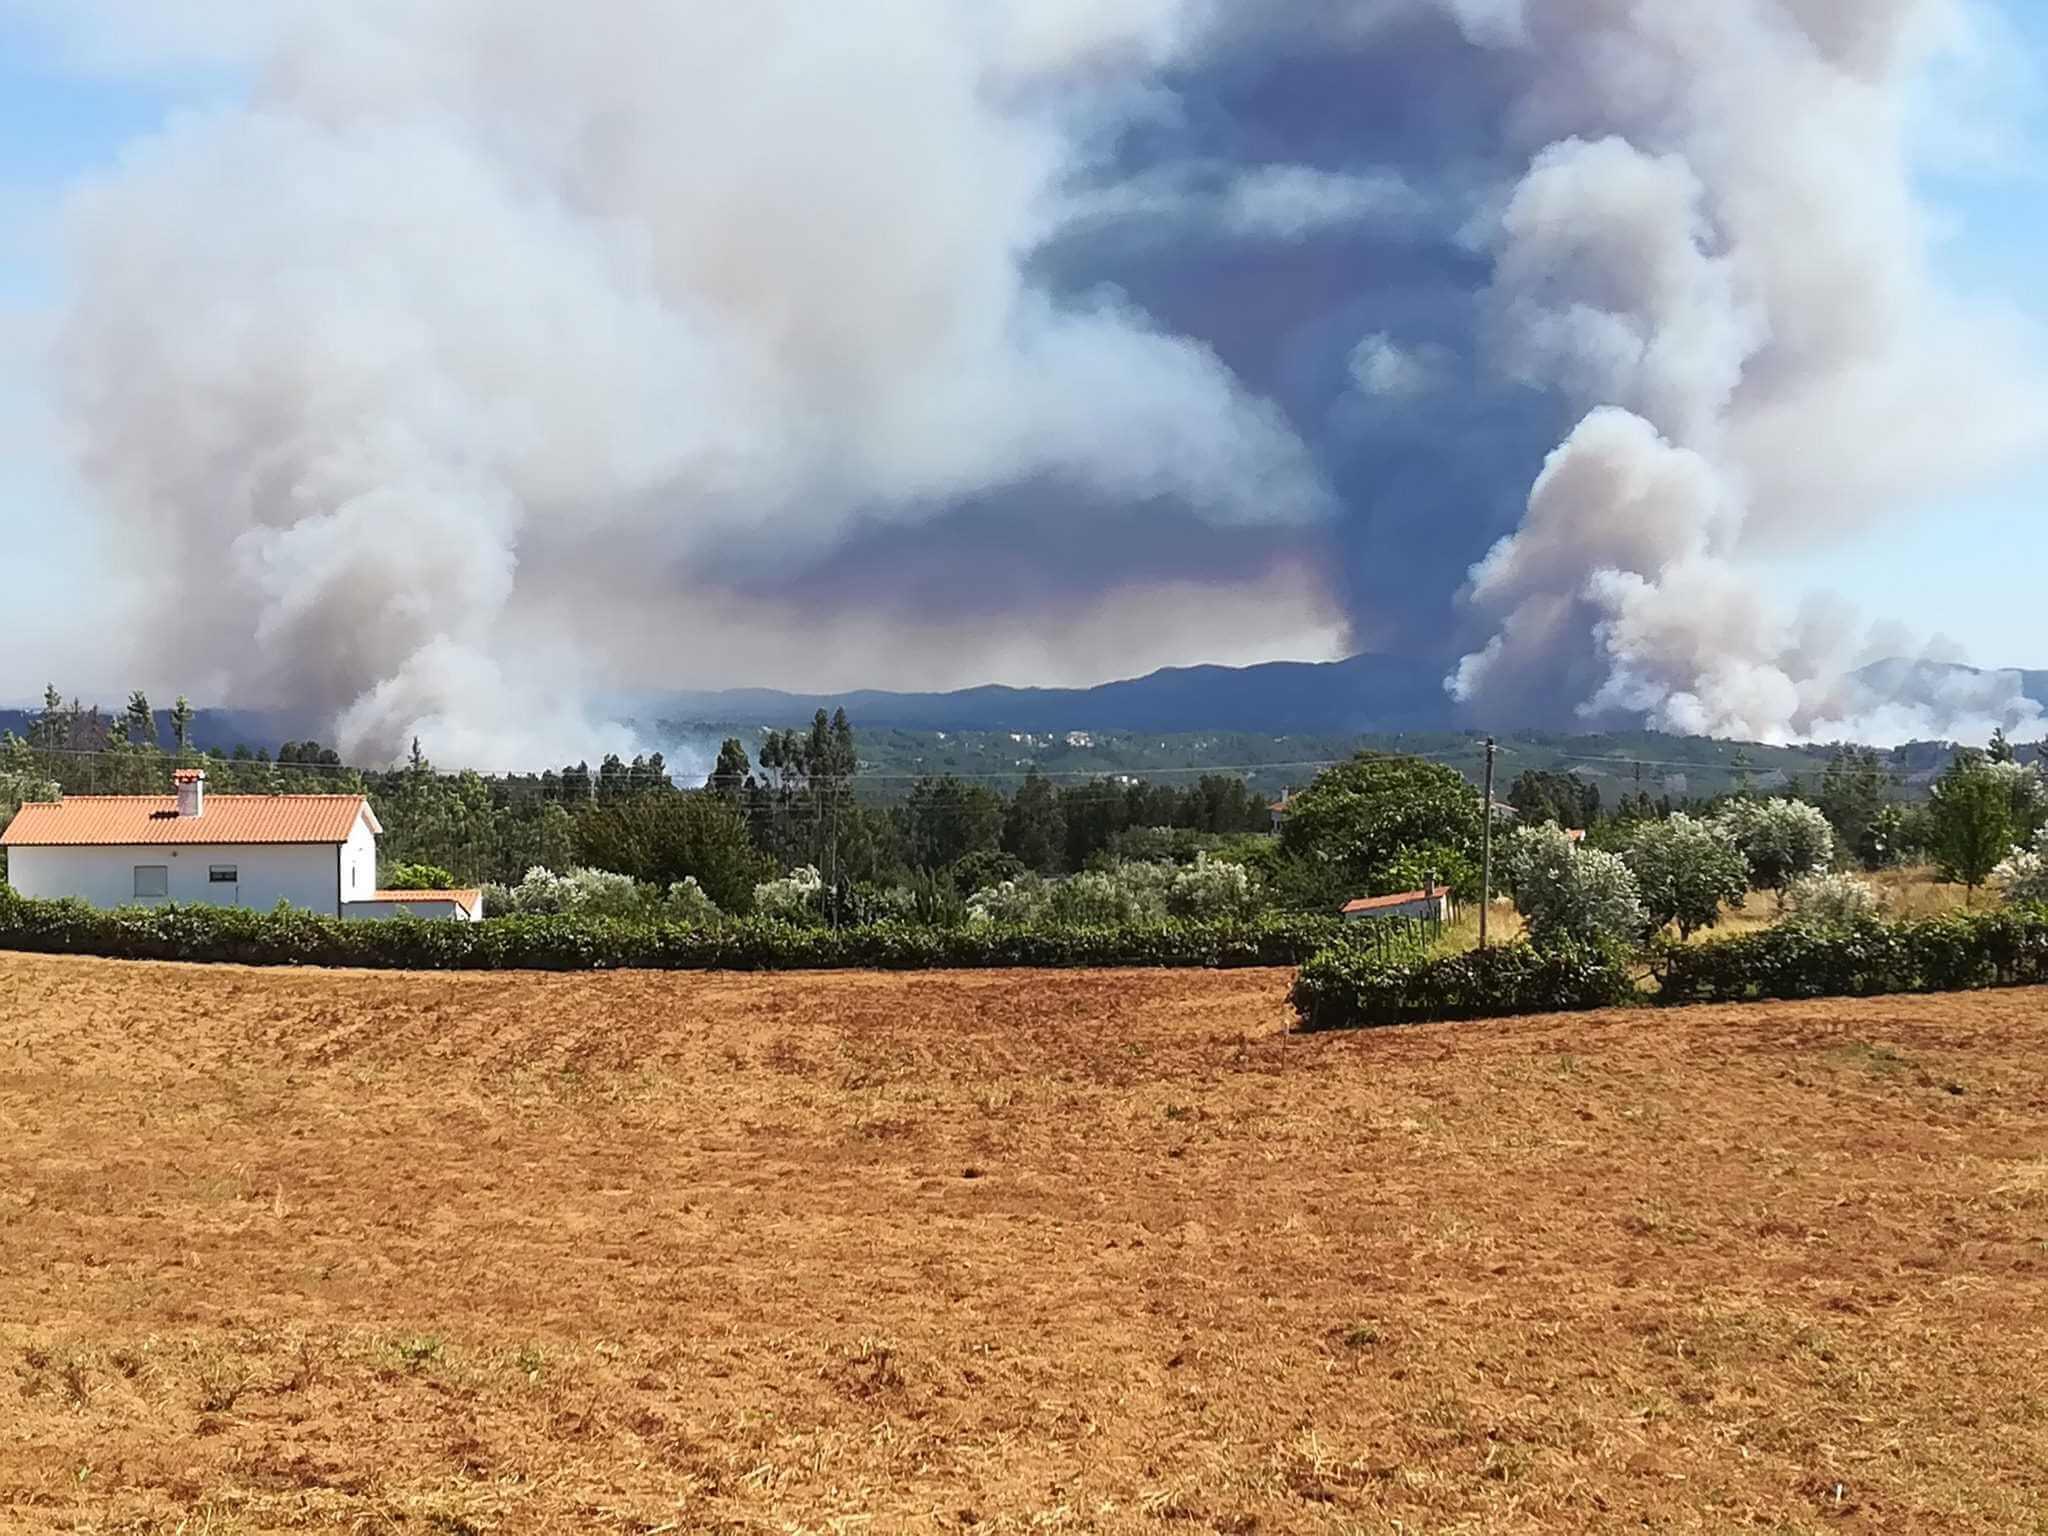 Südeuropa: Etliche kleinere Waldbrände